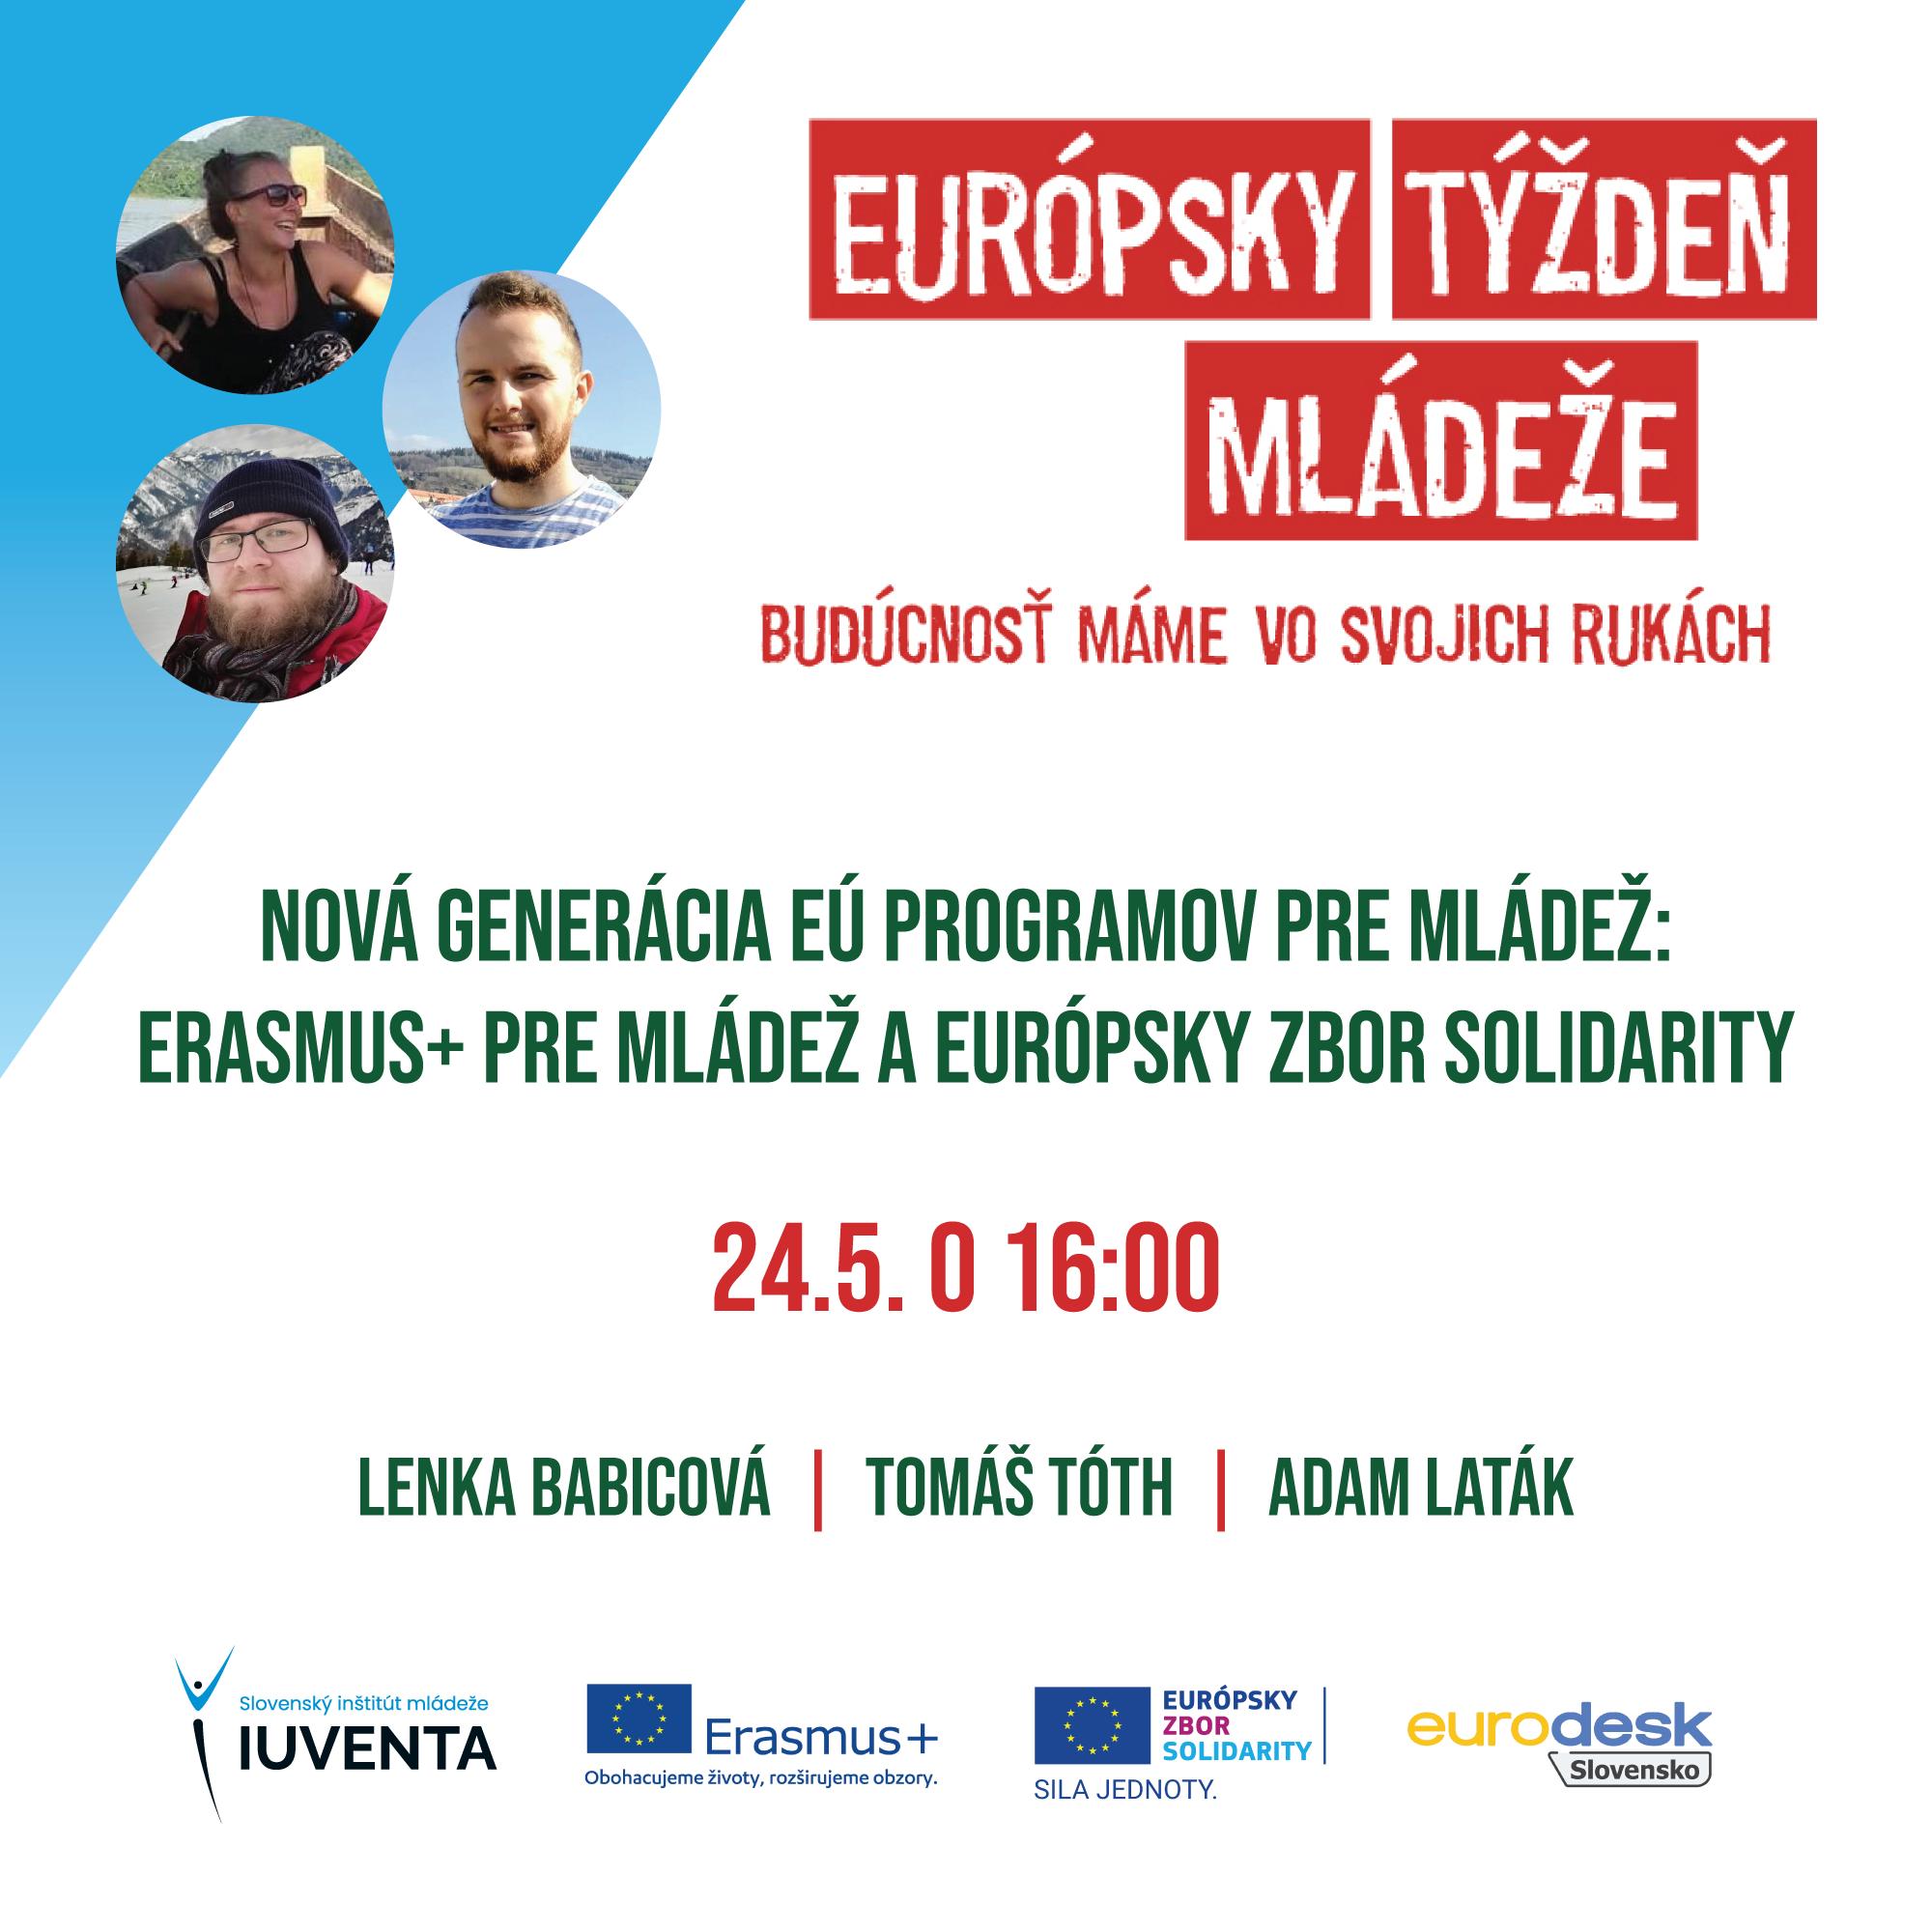 Európsky týždeň mládeže - čo nás čaká v pondelok, 24.5.2021